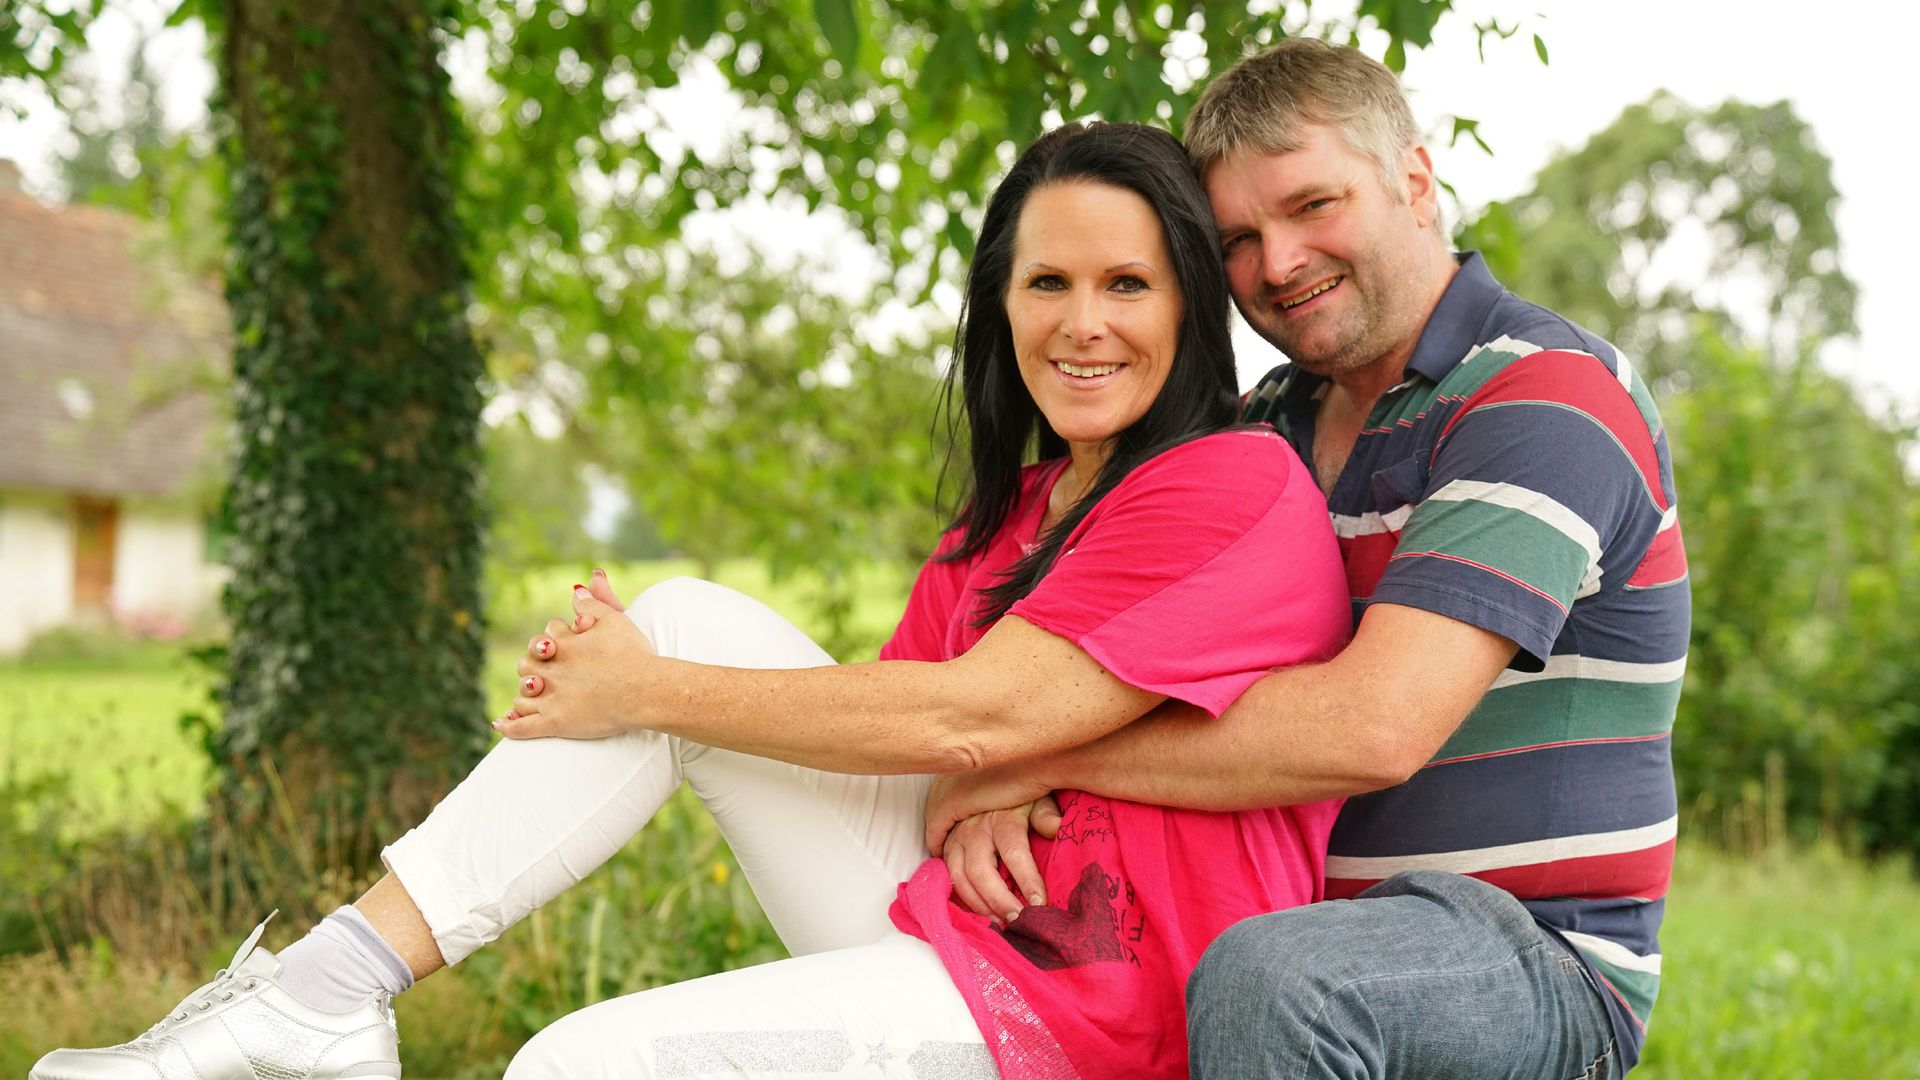 Bauer sucht Frau-Klaus Jürgen & Christa wieder ein Paar